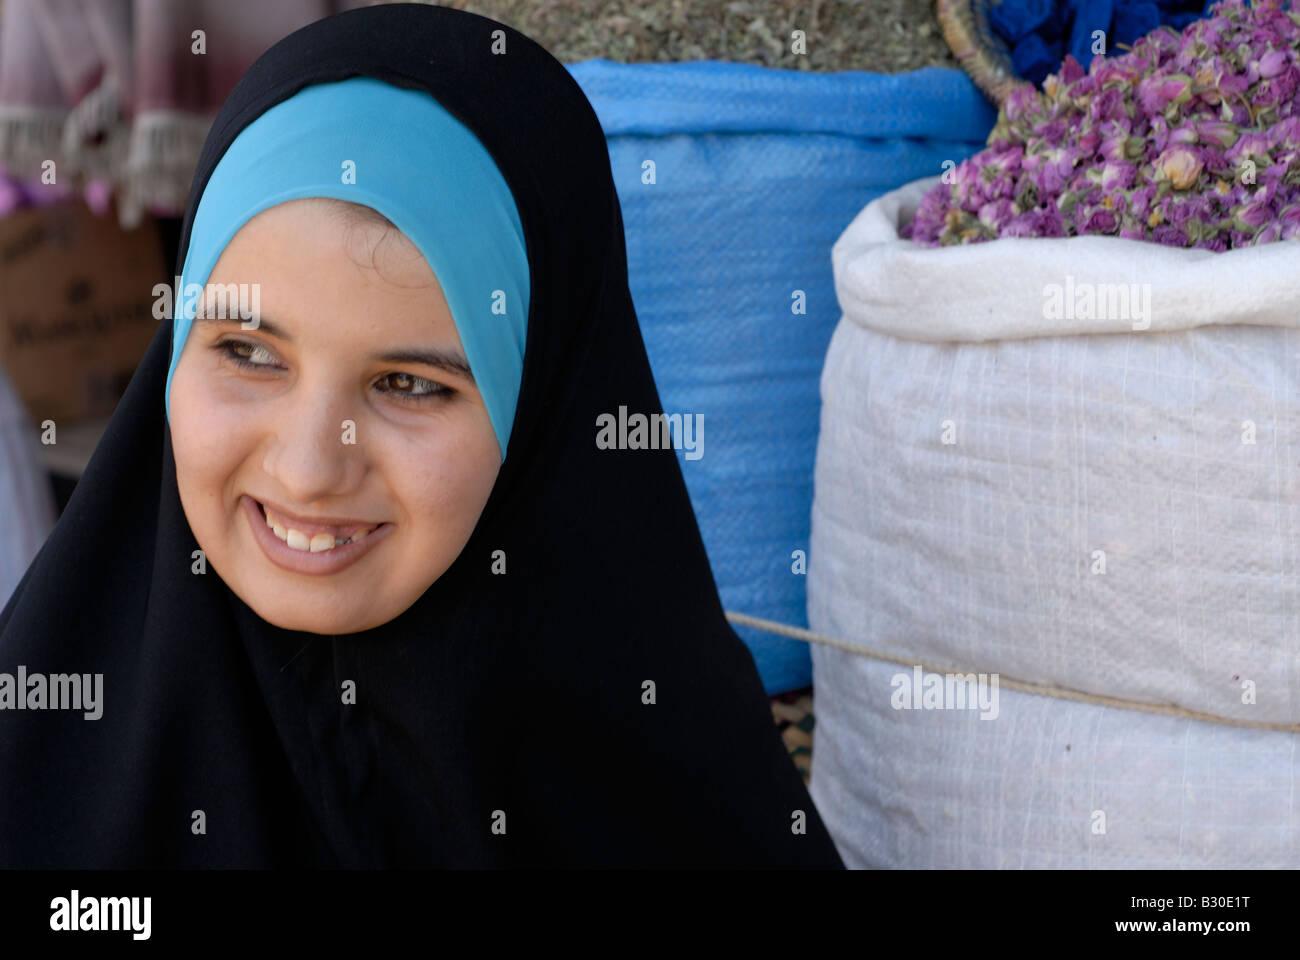 4ddeb823db62 Afrique du Nord Maroc Marrakech souk aux épices jeune femme en hijab dame  en costume traditionnel